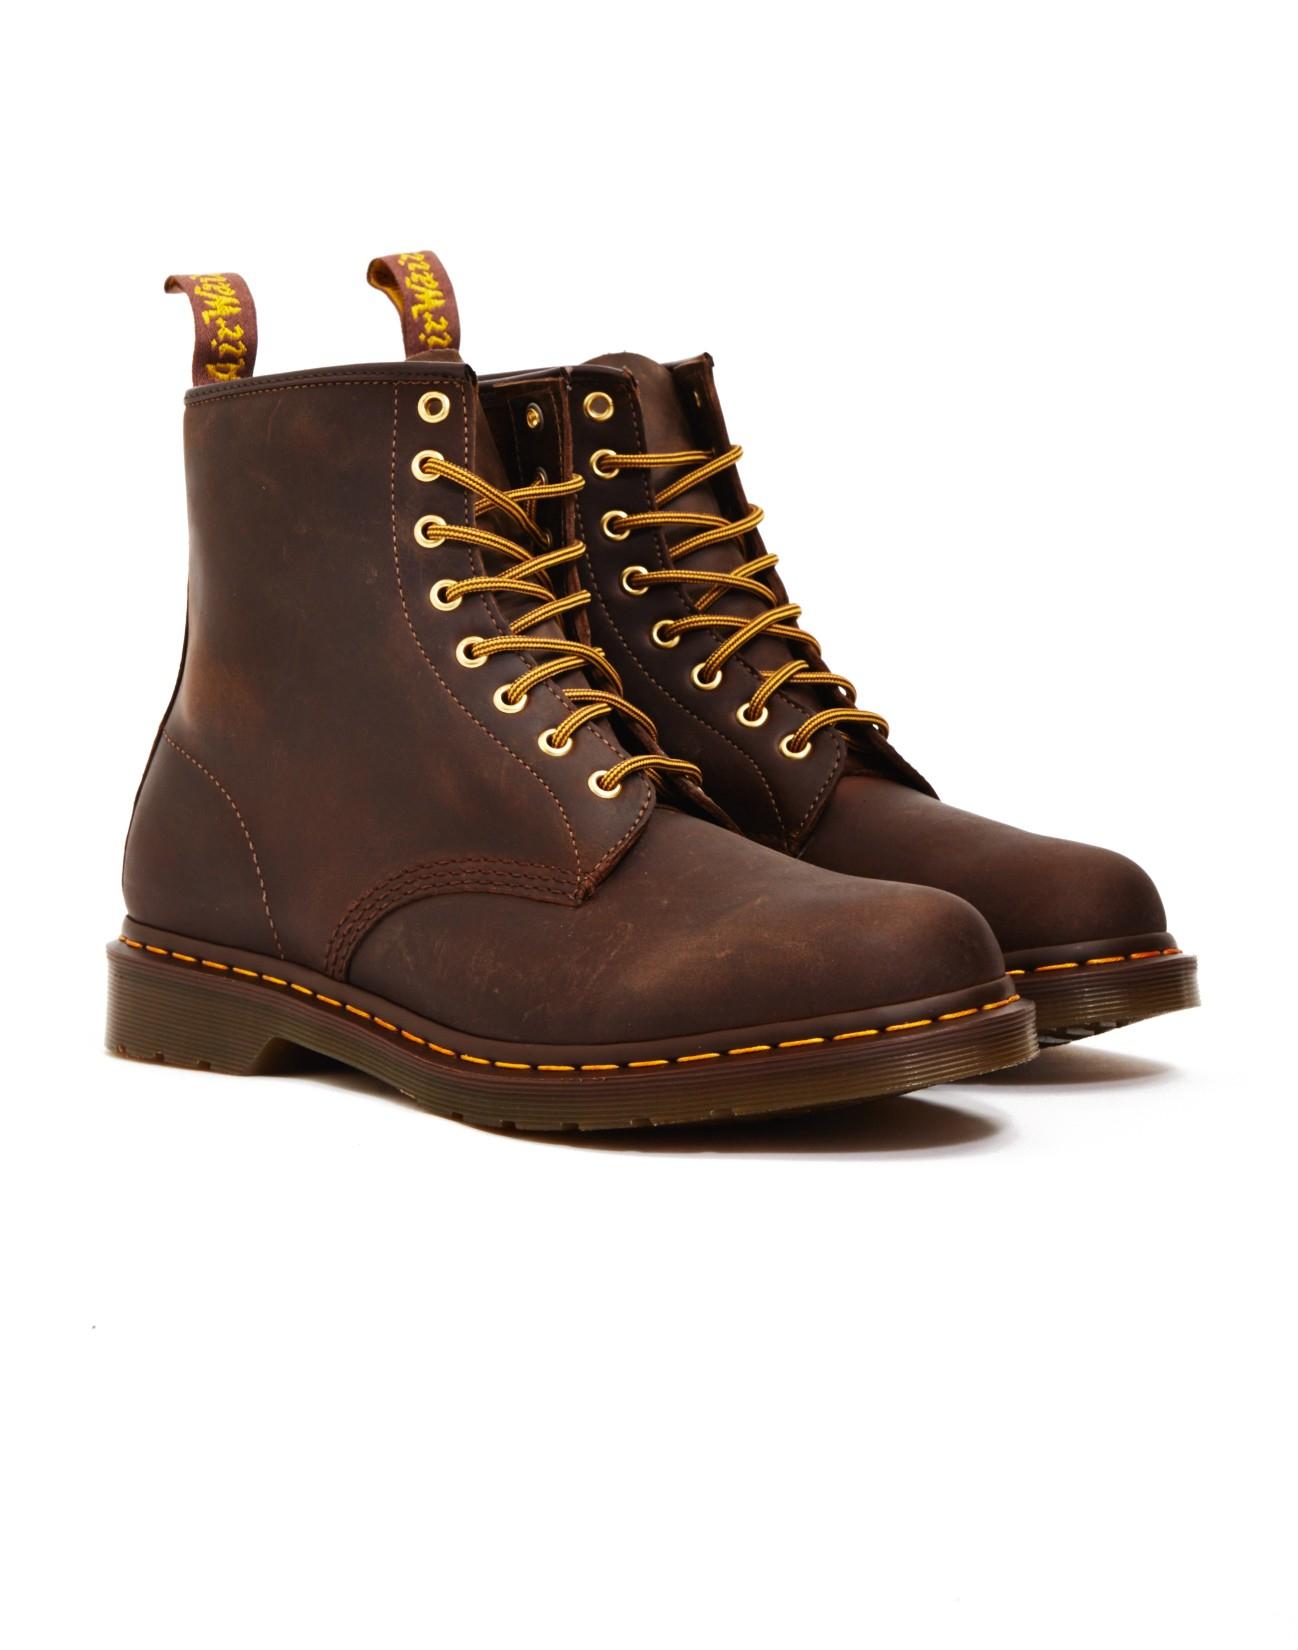 dr martens 8 eye rugged boots brown in brown for men lyst. Black Bedroom Furniture Sets. Home Design Ideas